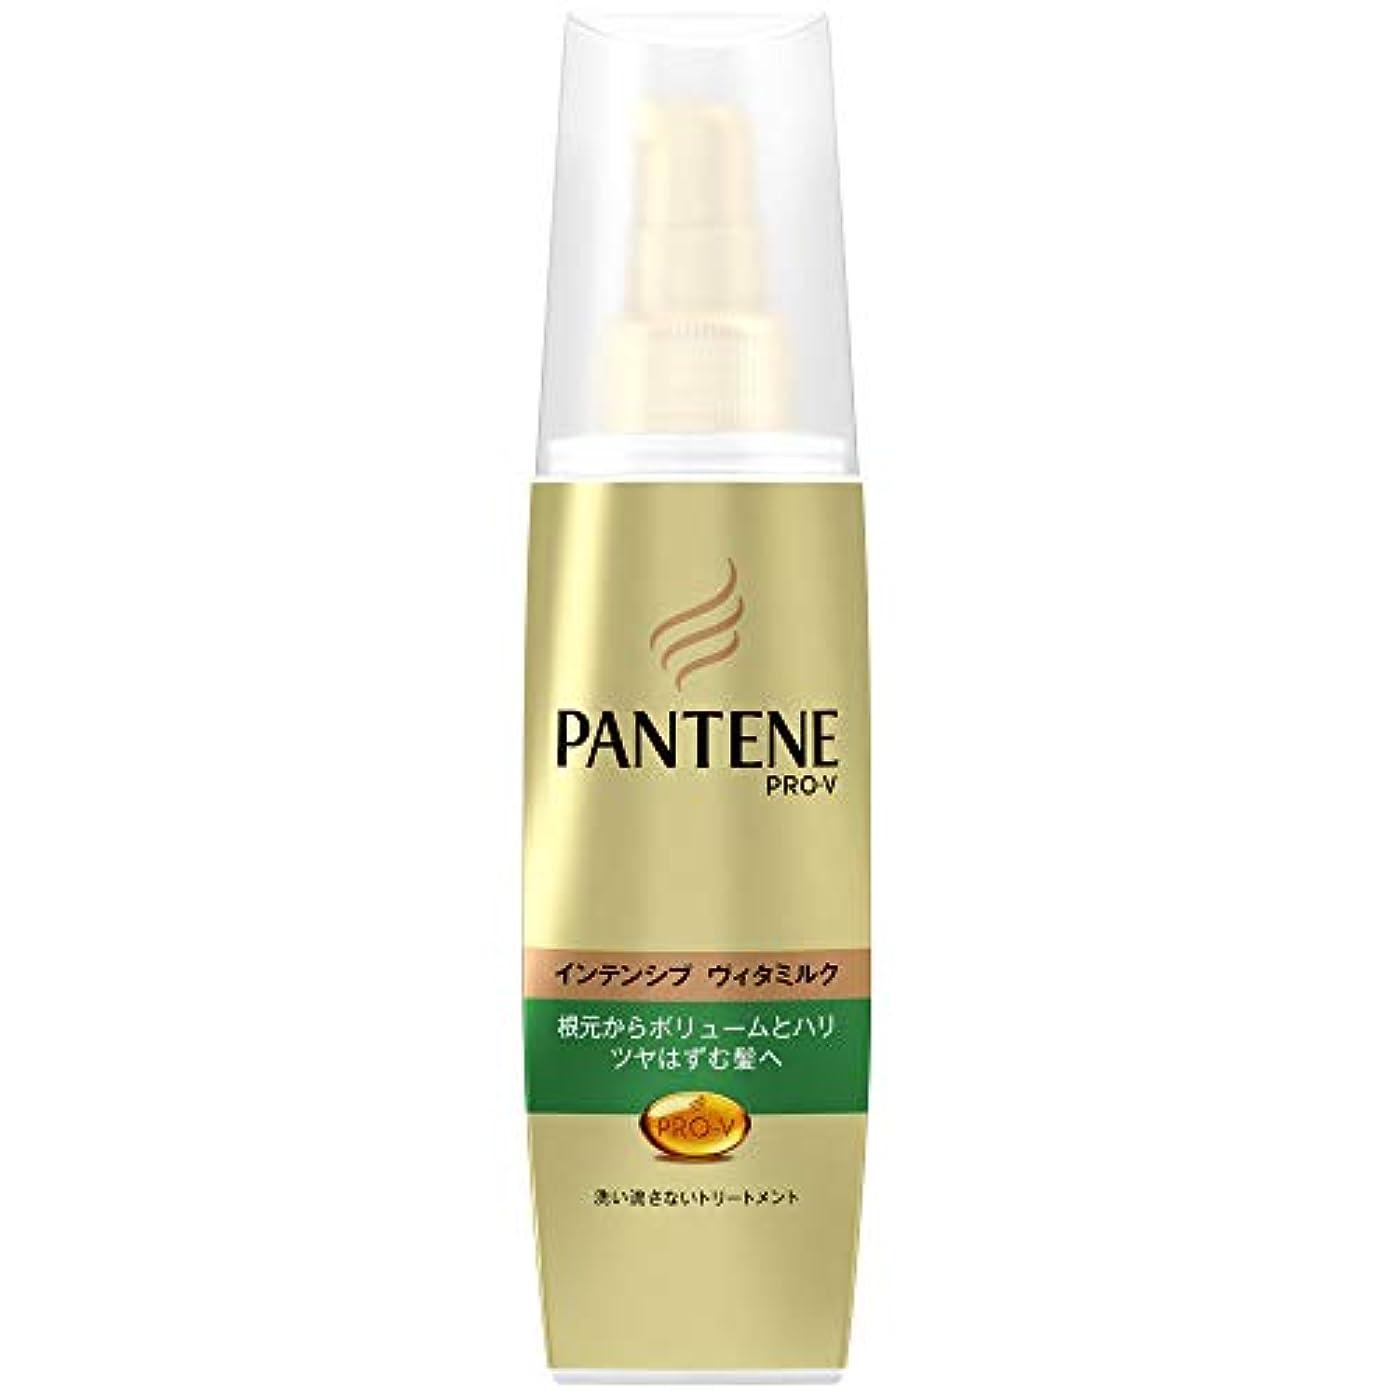 バレエ誤解するパンダパンテーン 洗い流さないトリートメント インテンシブウ゛ィタミルク ボリュームのない髪用 100mL